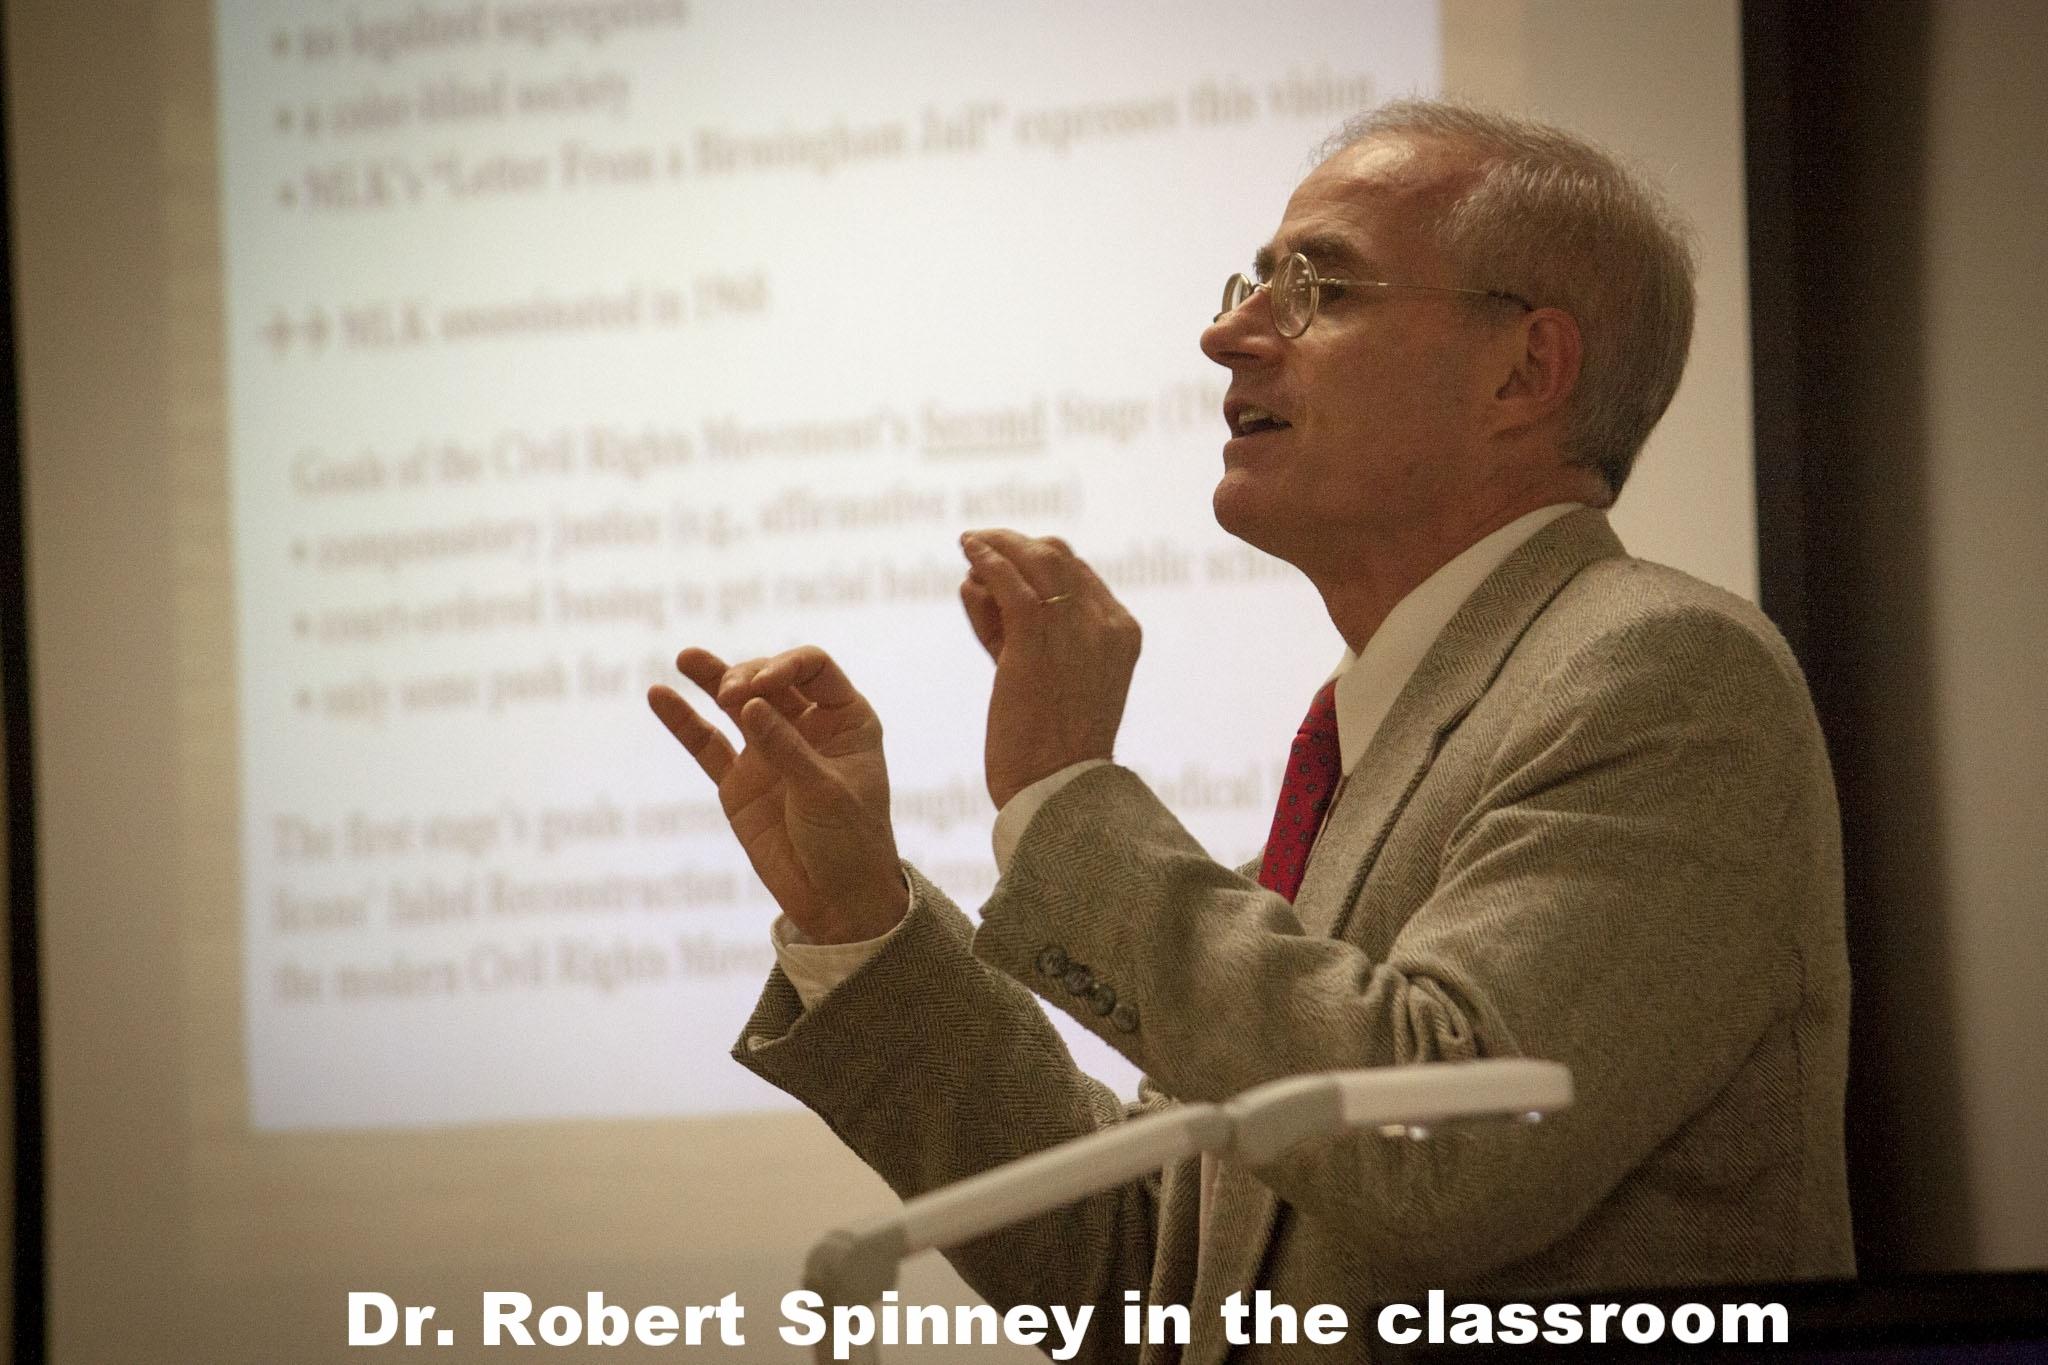 Robert Spinney, classroom, history, 2-779463-edited.jpg